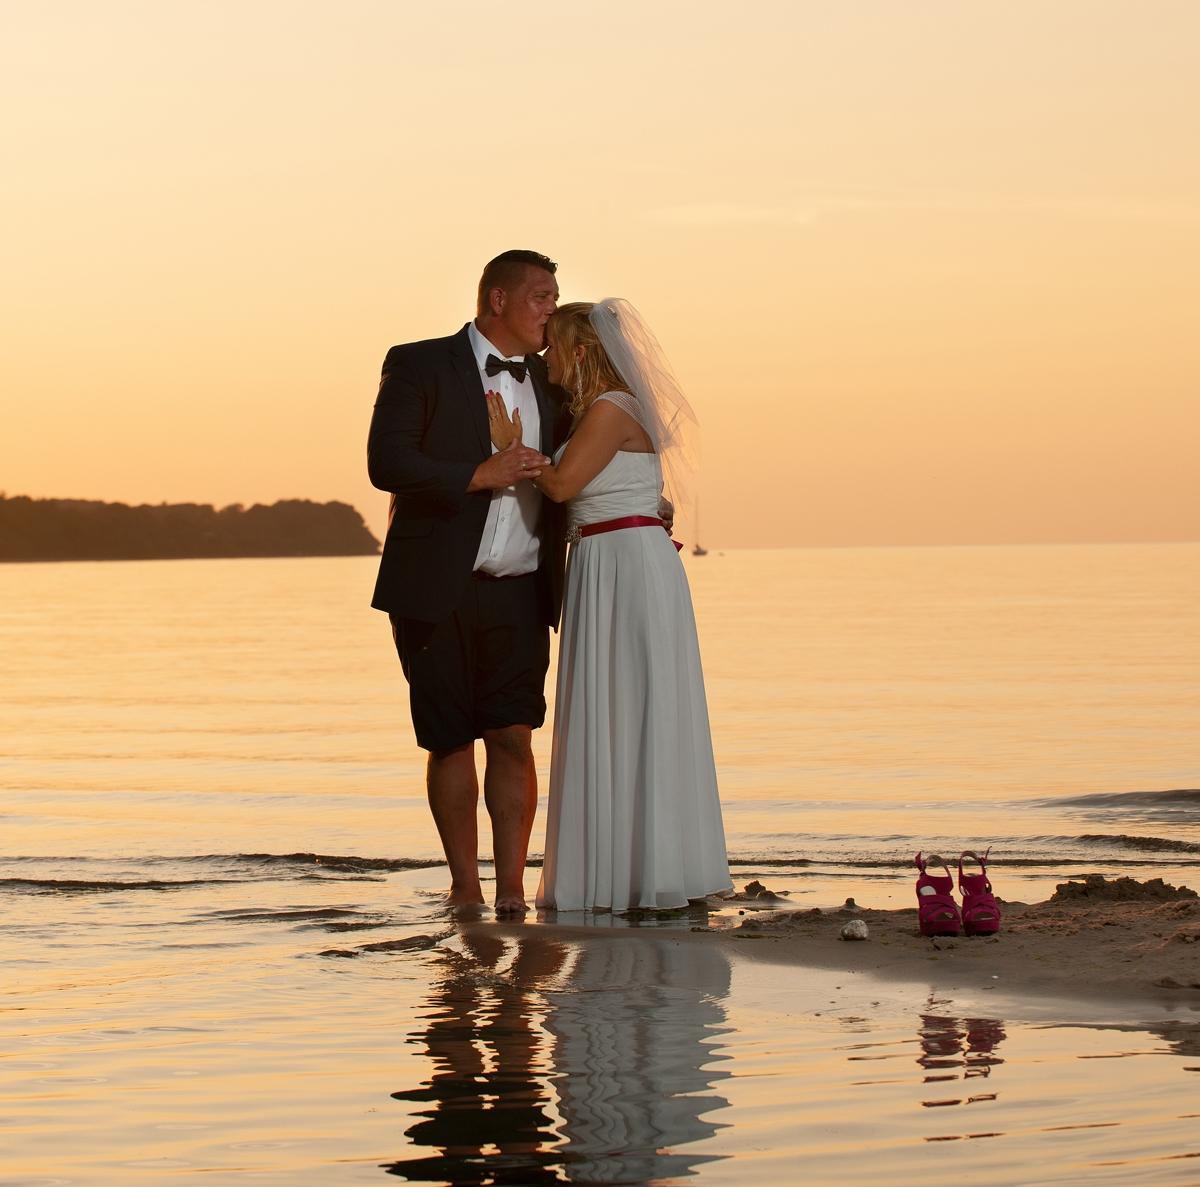 Bryllupsfoto på stranden